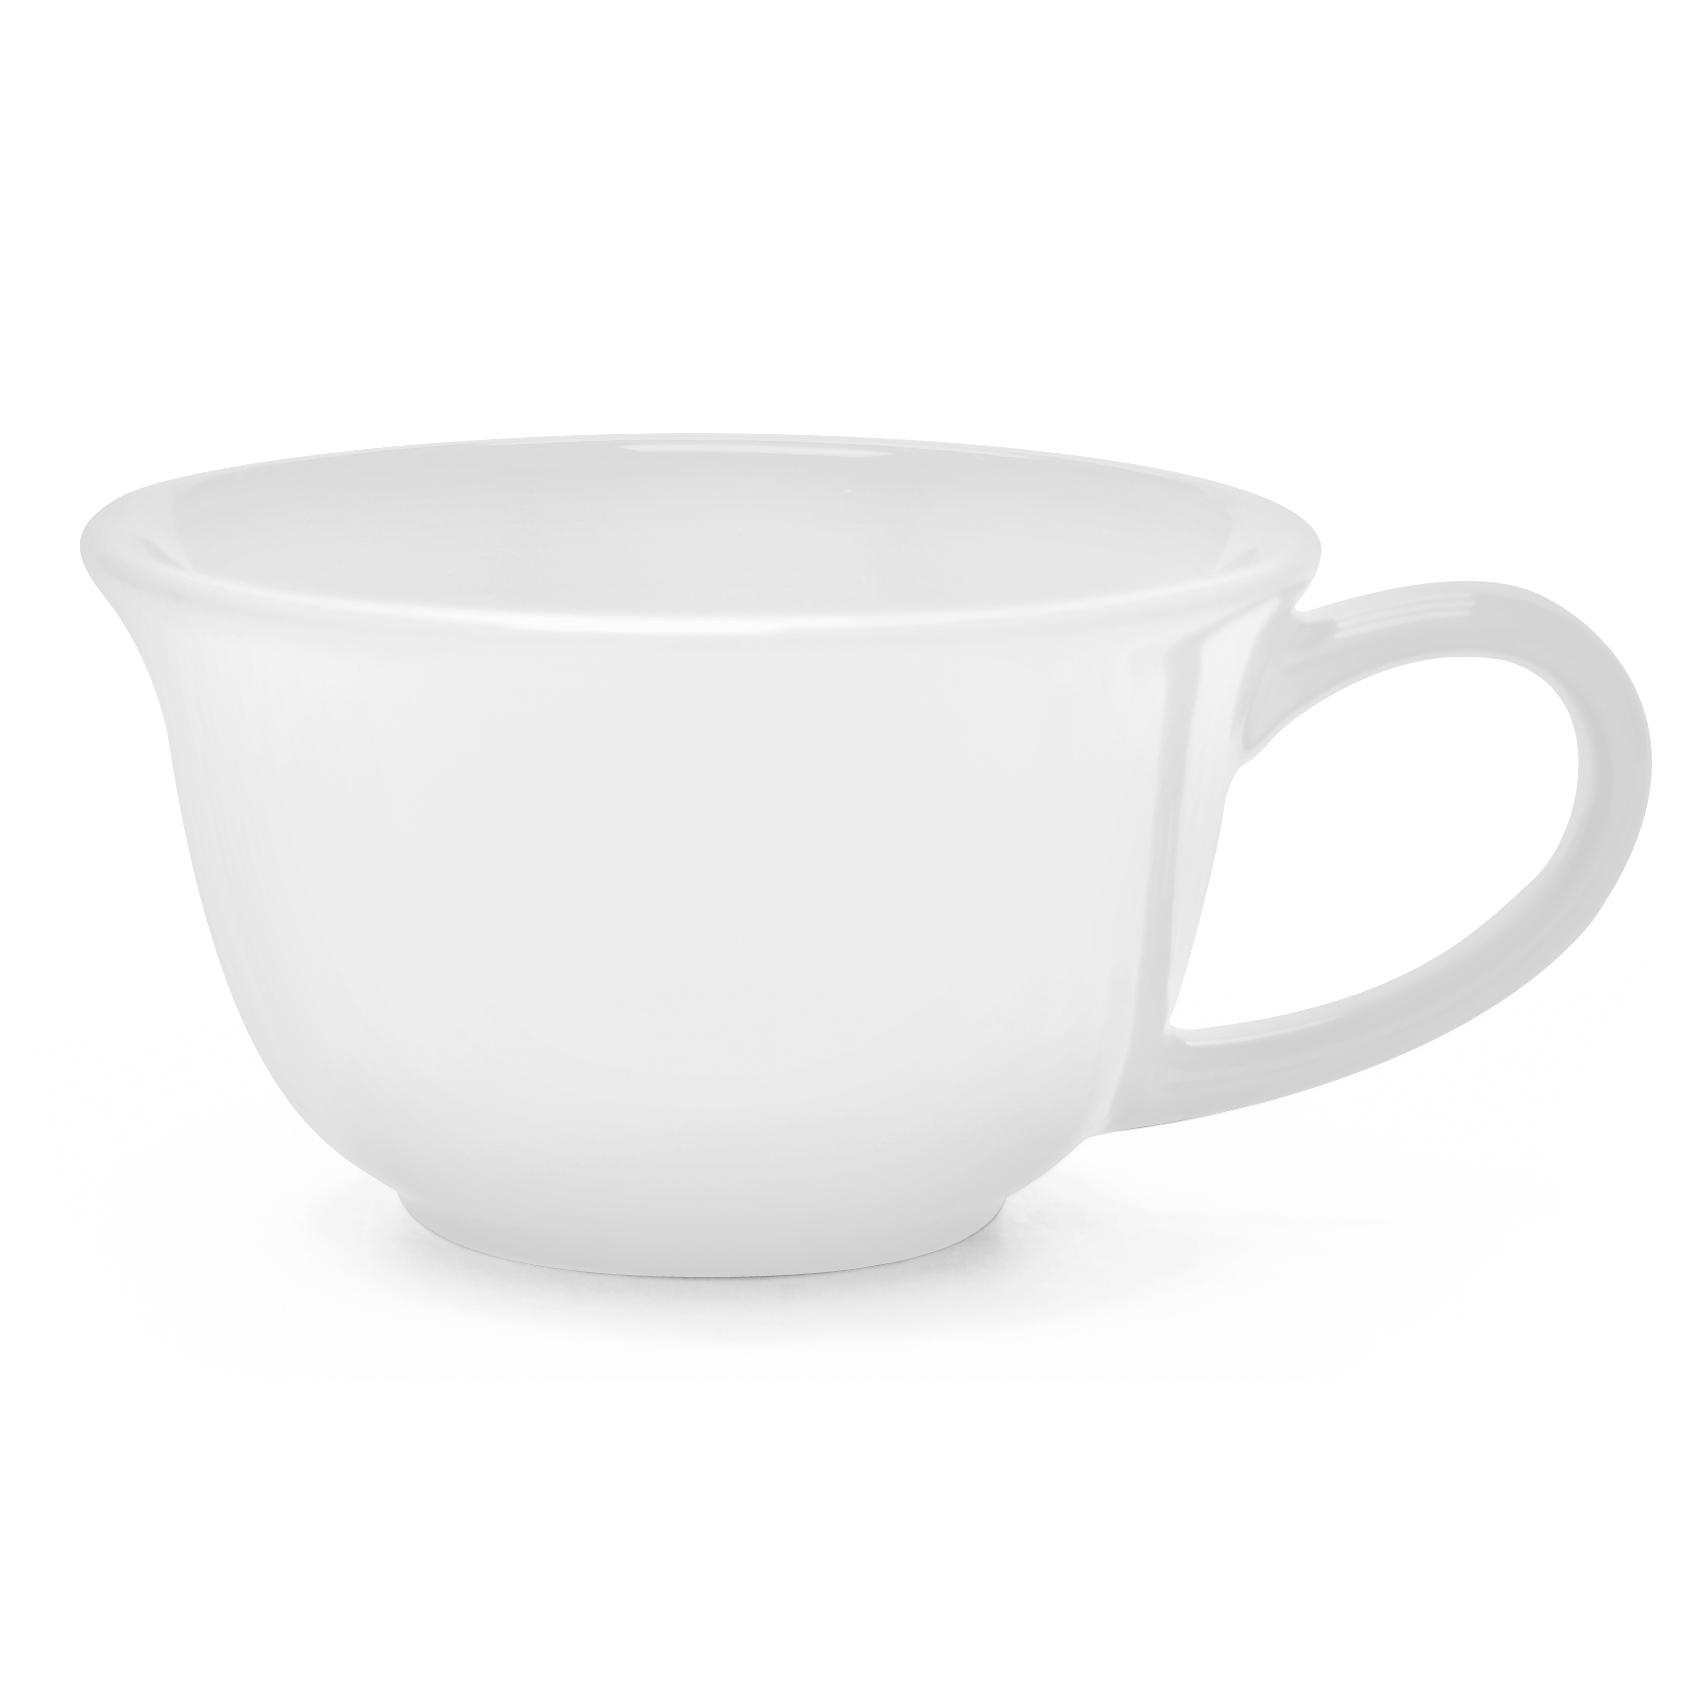 Chantal White 8 Ounce Tea Lover's Mug